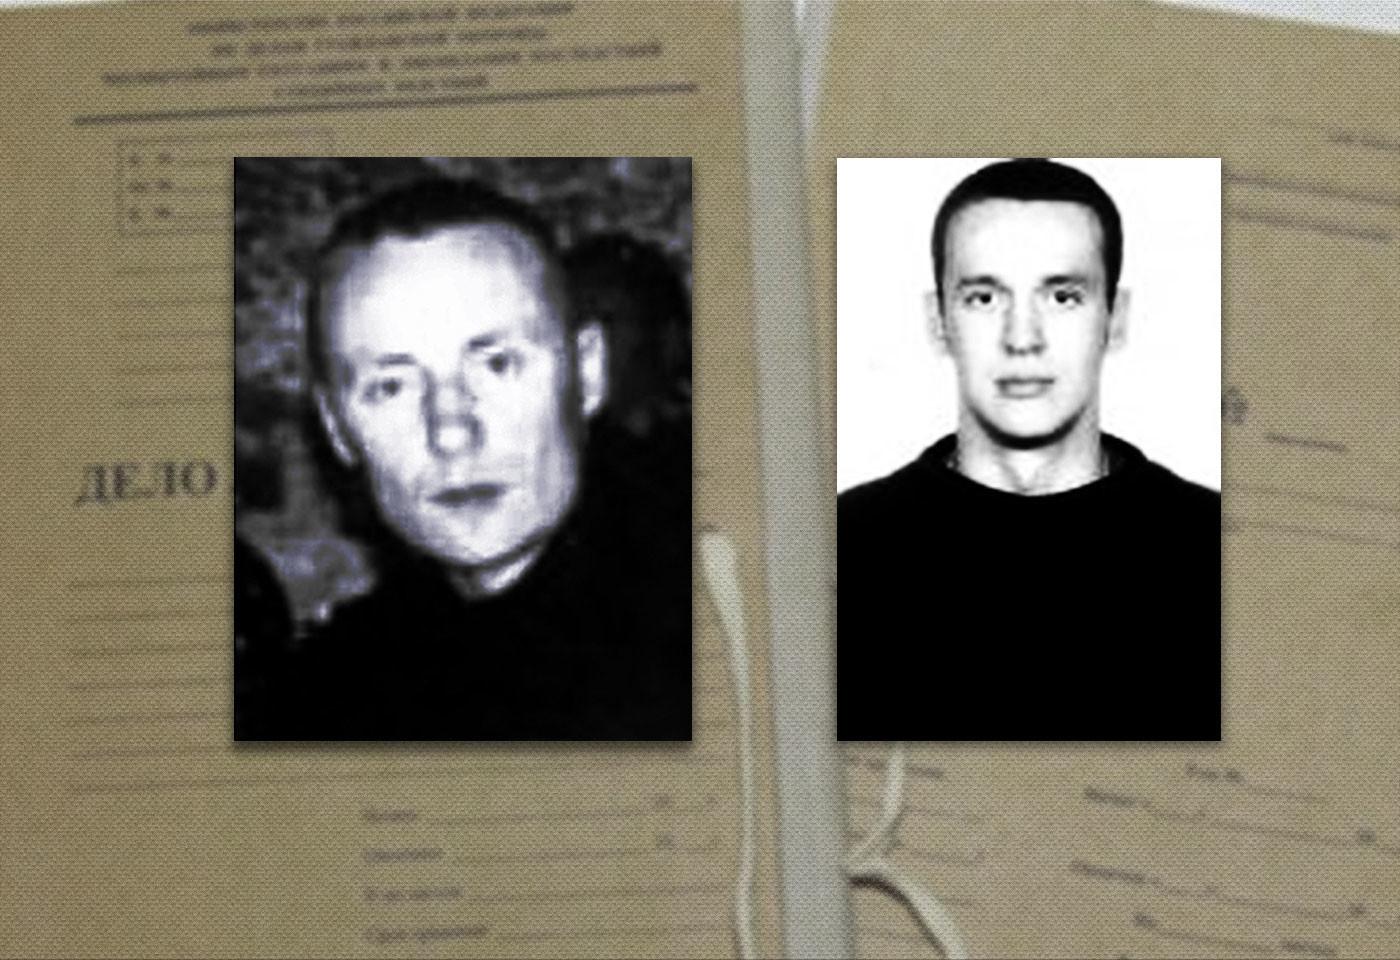 Криминальный авторитет Константин Беркут и Владимир Беркут. Фото: © КРИМИНАЛЬНЫЕ АВТОРИТЕТЫ ВОРЫ В ЗАКОНЕ